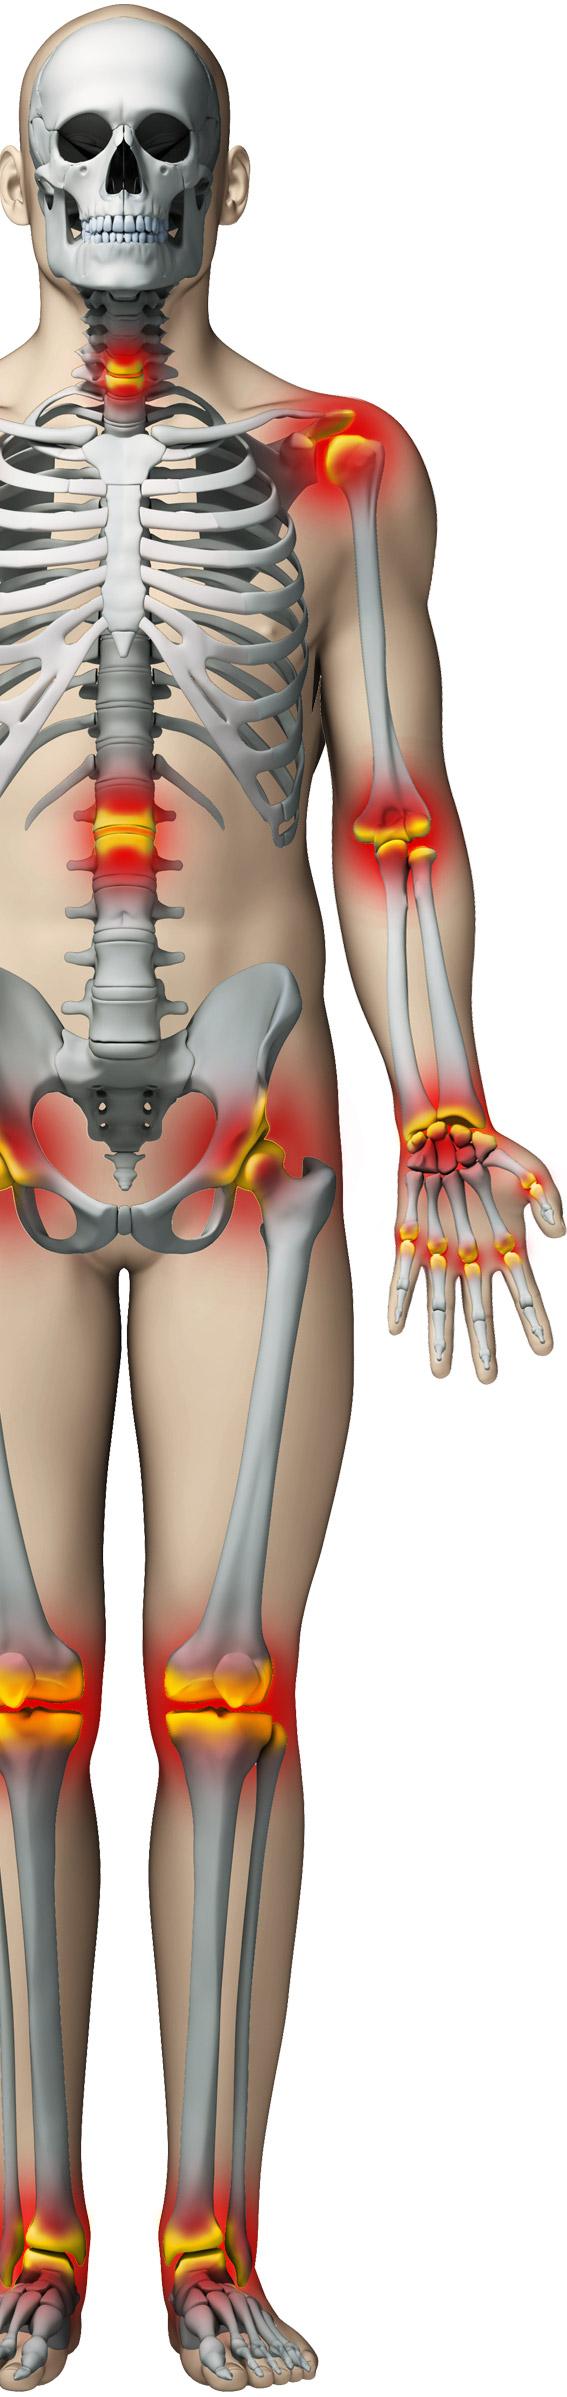 traumatologie dureri articulare